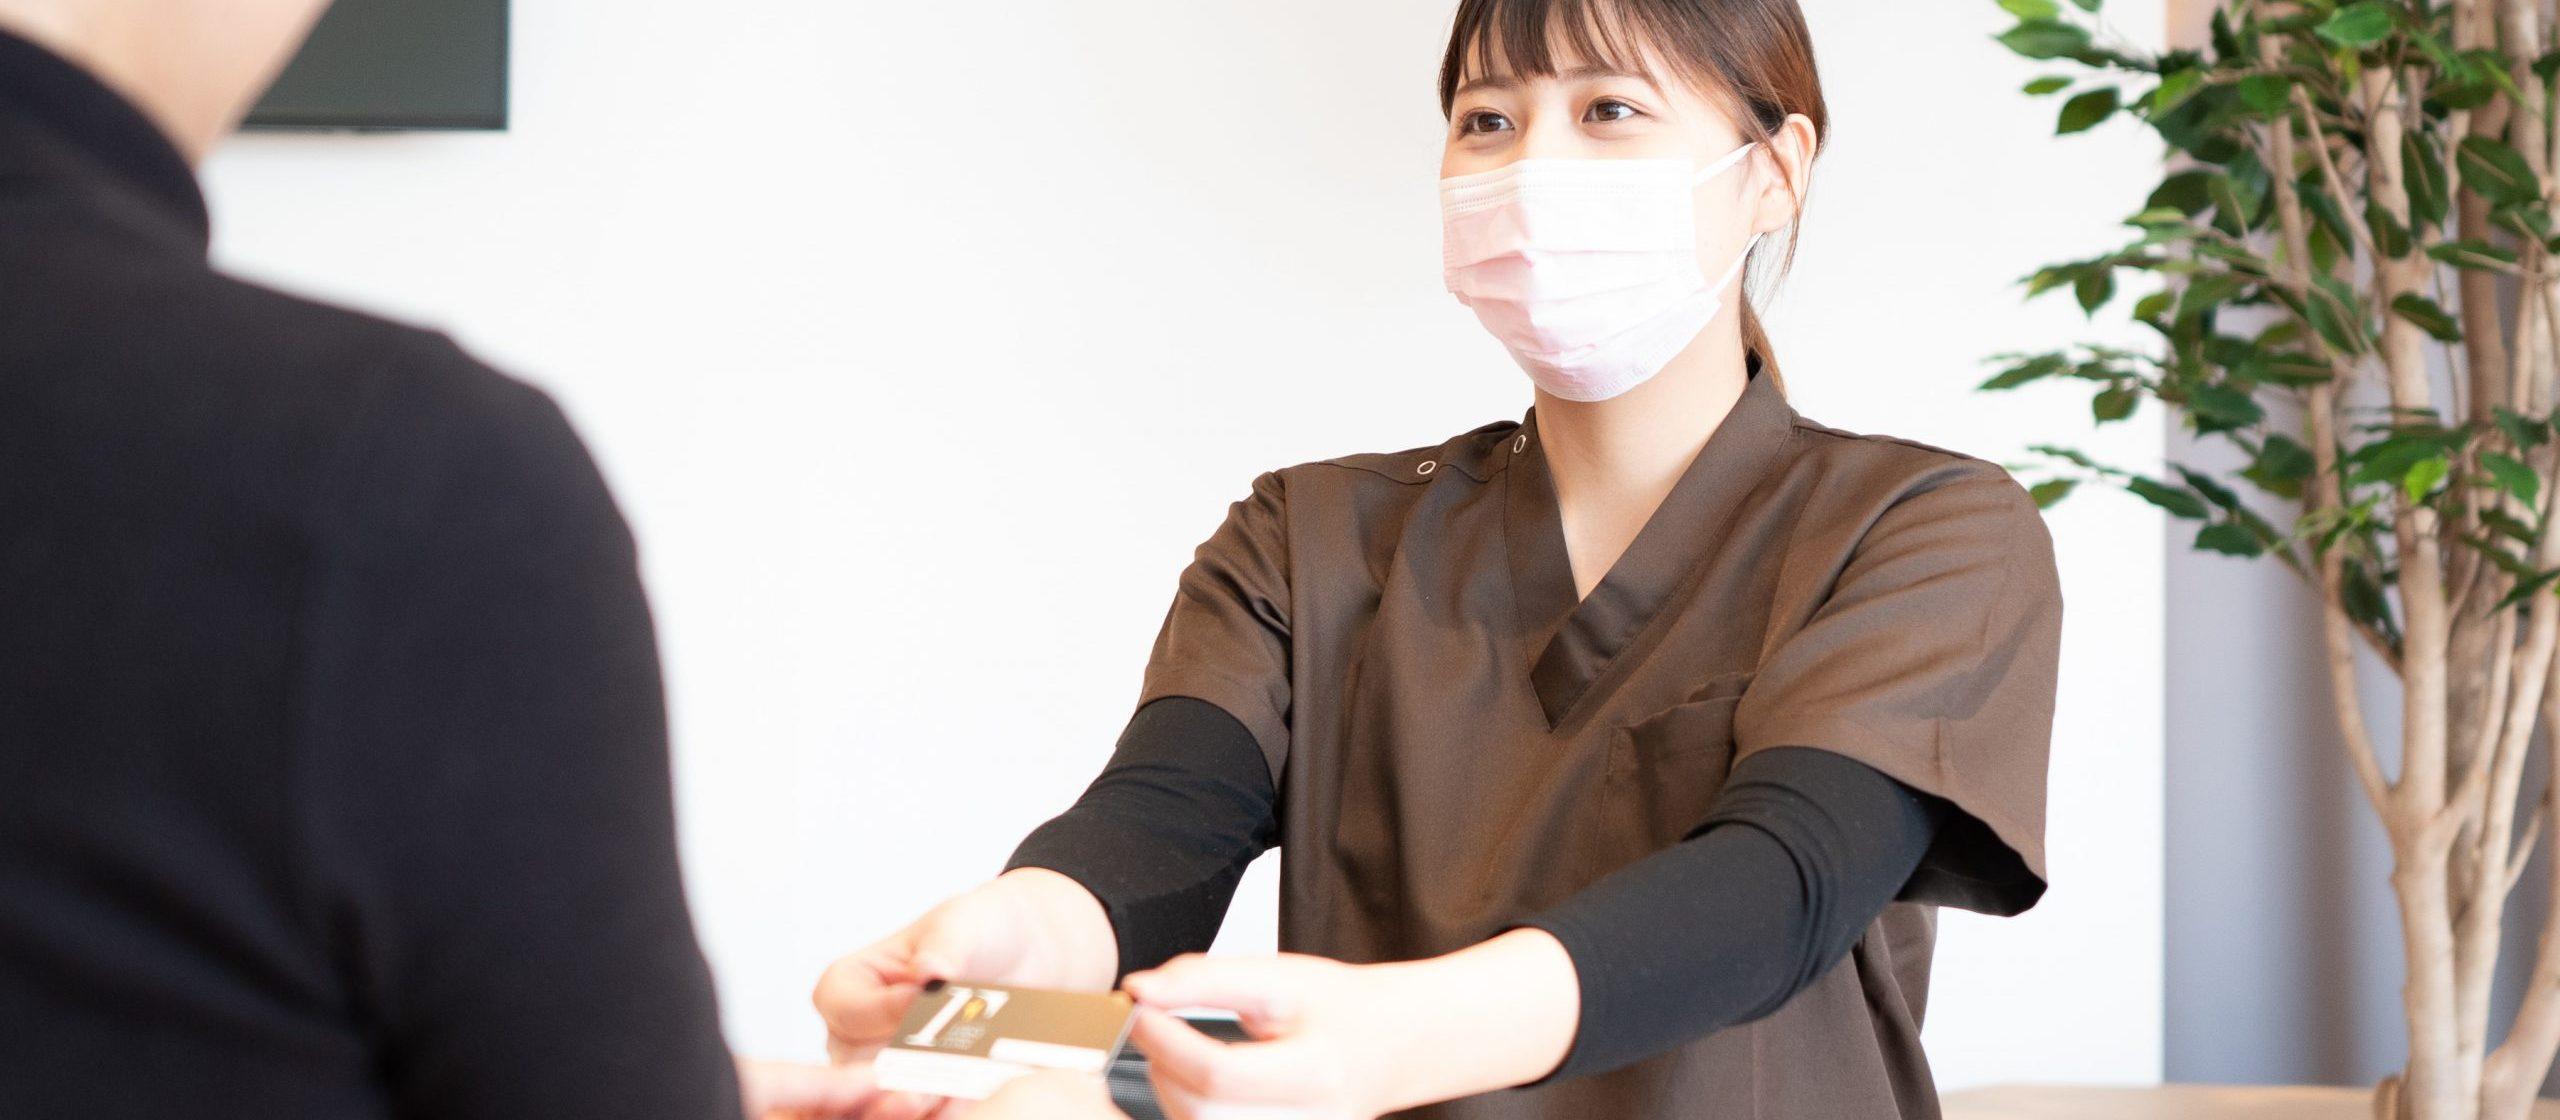 郡山でヒアルロン酸・ボトックス注射によるお口周りの改善は、郡山ファースト歯科矯正歯科